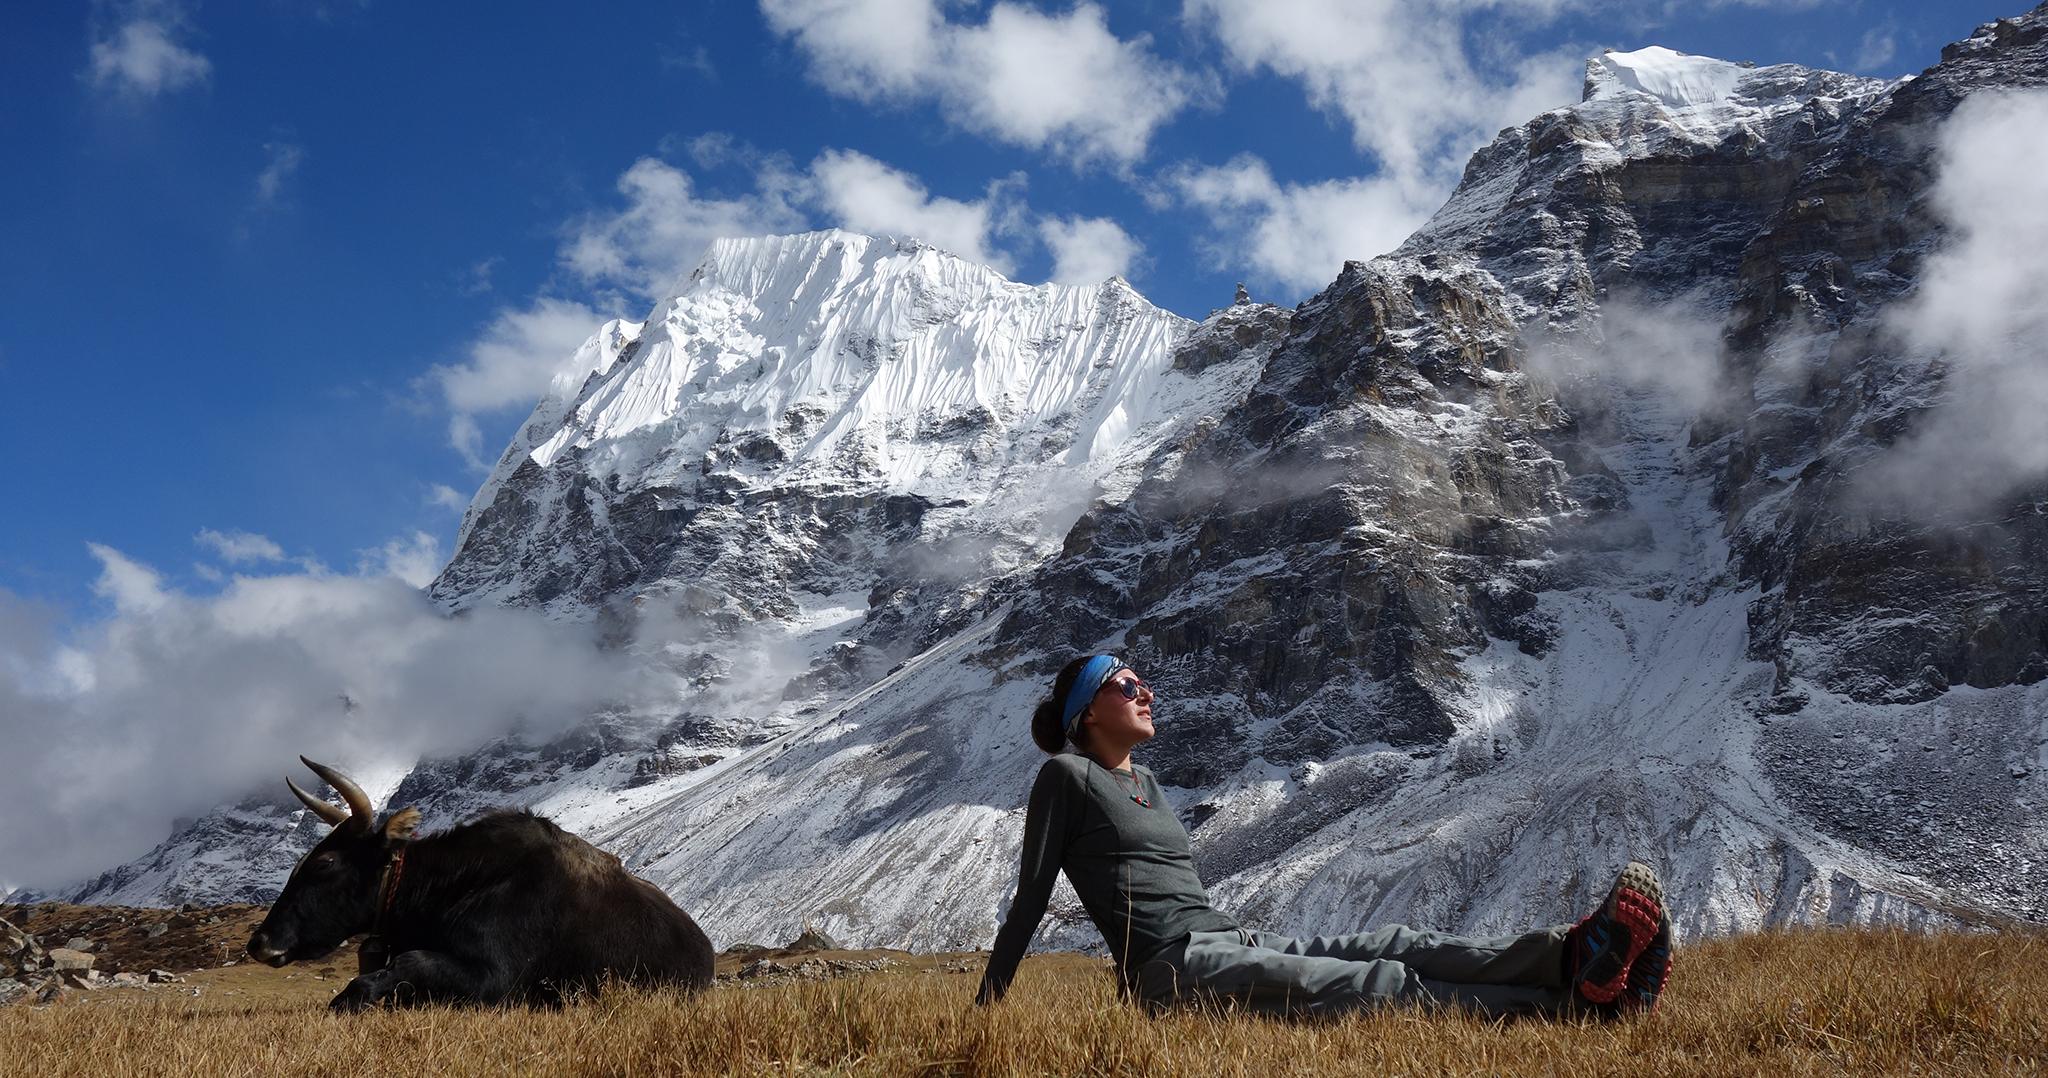 Trekking through Kanchenjunga